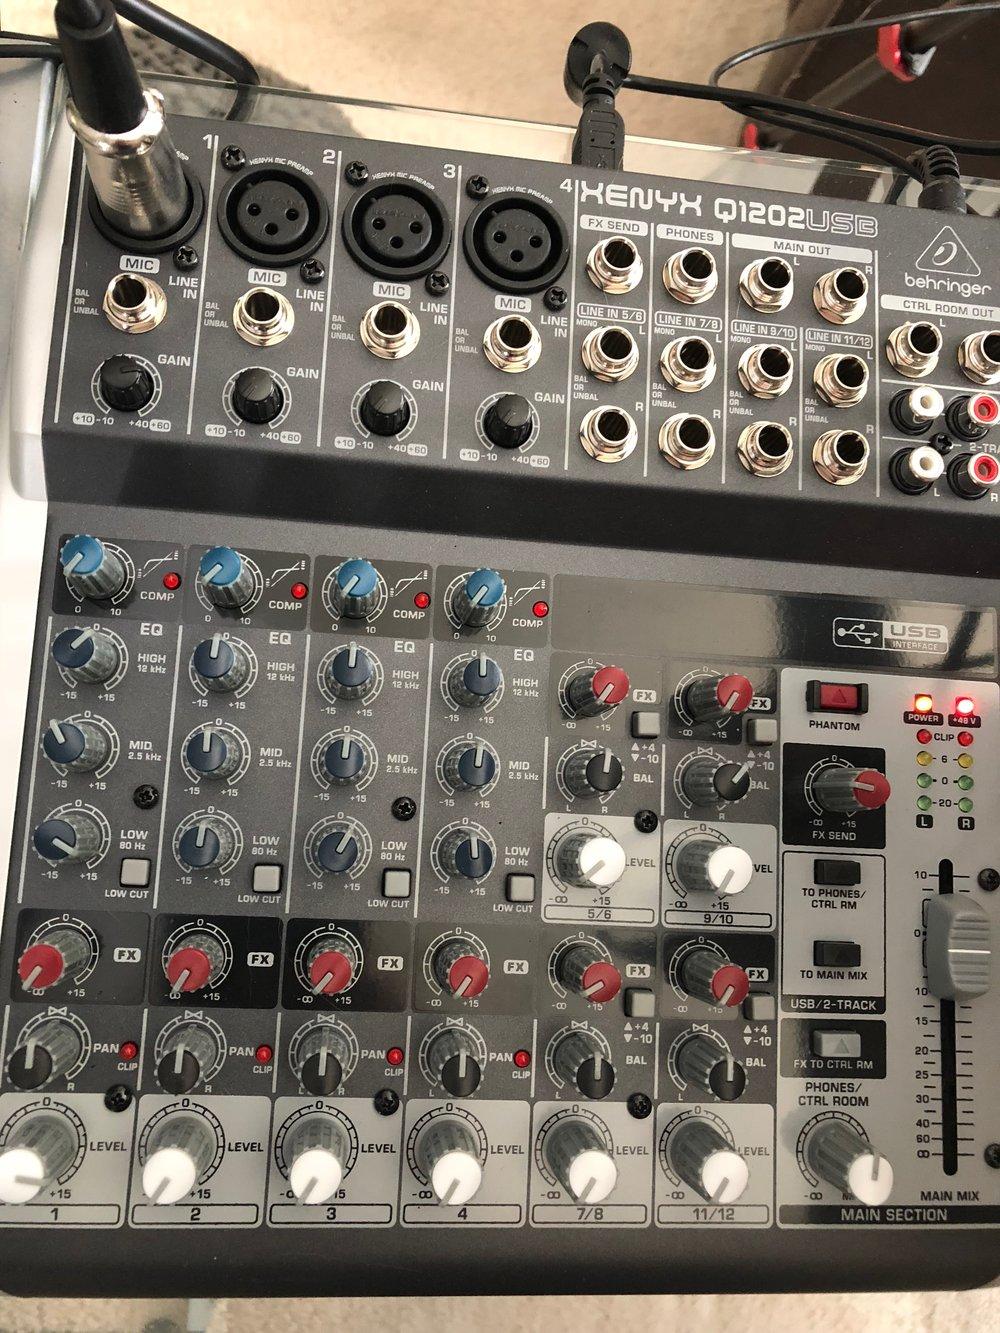 Behringer-Xenyx-Mixer.jpg